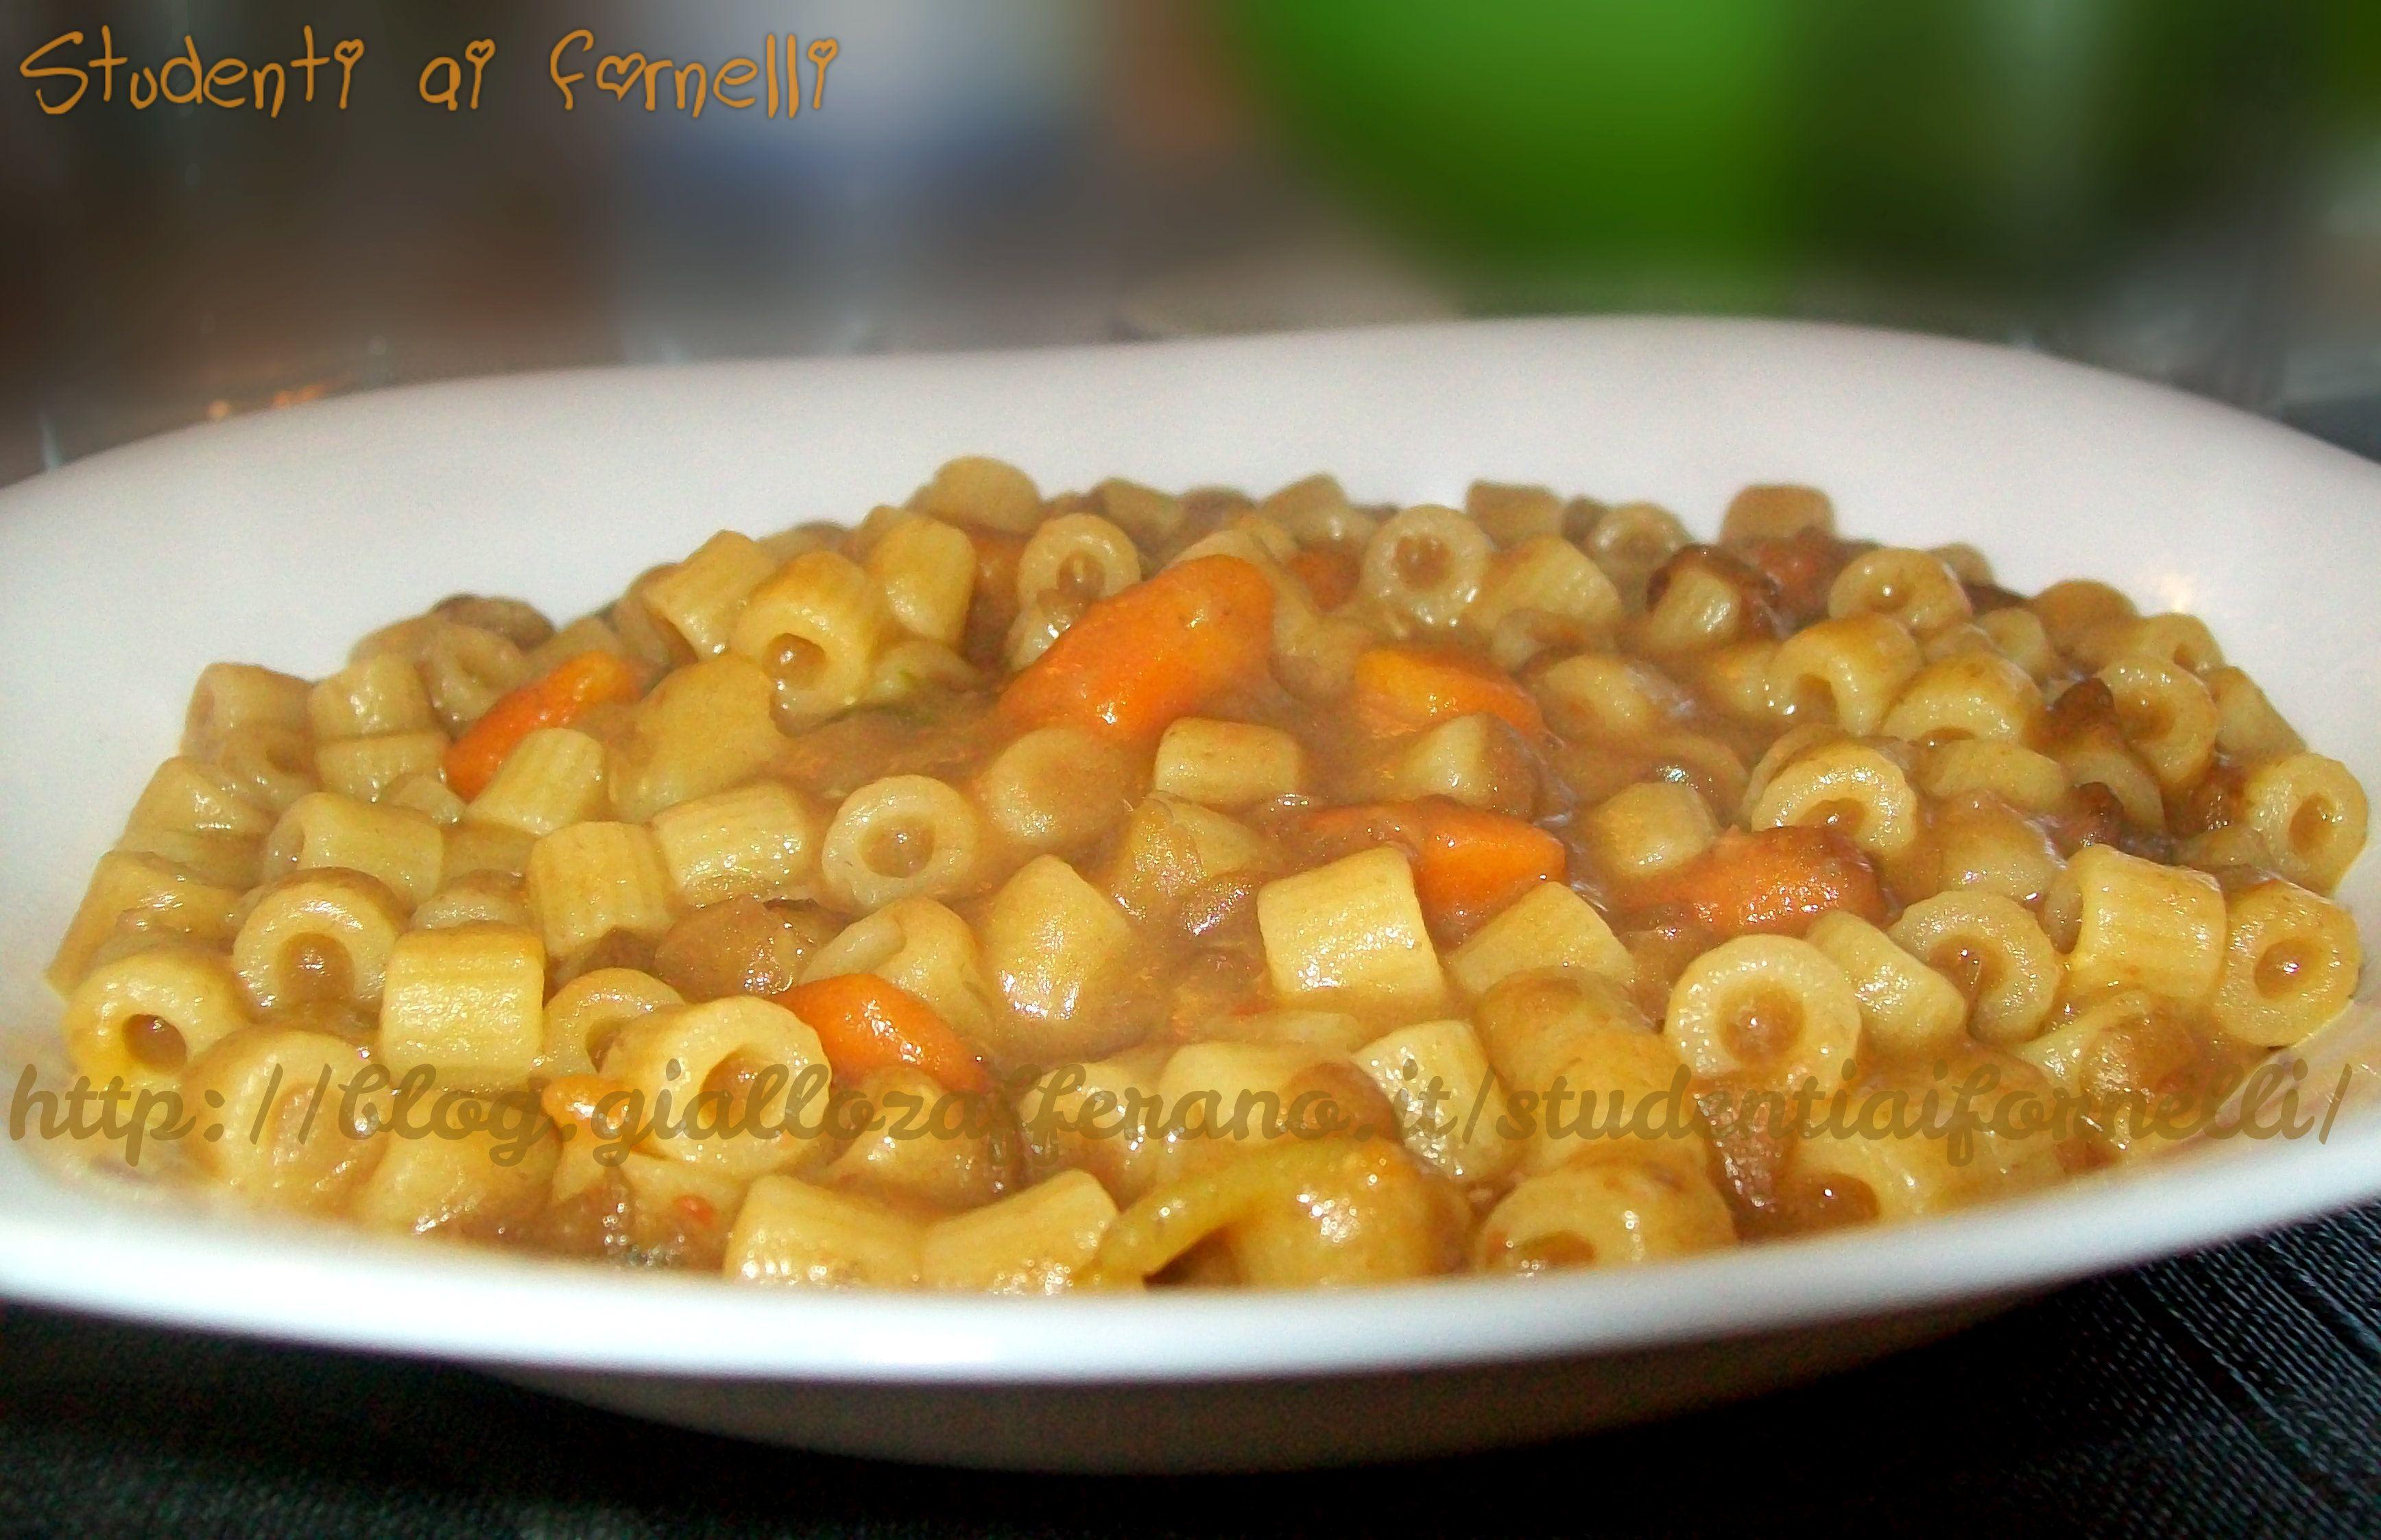 Ricetta Lenticchie E Patate.Pasta E Lenticchie Con Patate E Carote Cremosa In 1 Pentola Ricetta Ricette Pasti Italiani Cibo Vegetariano